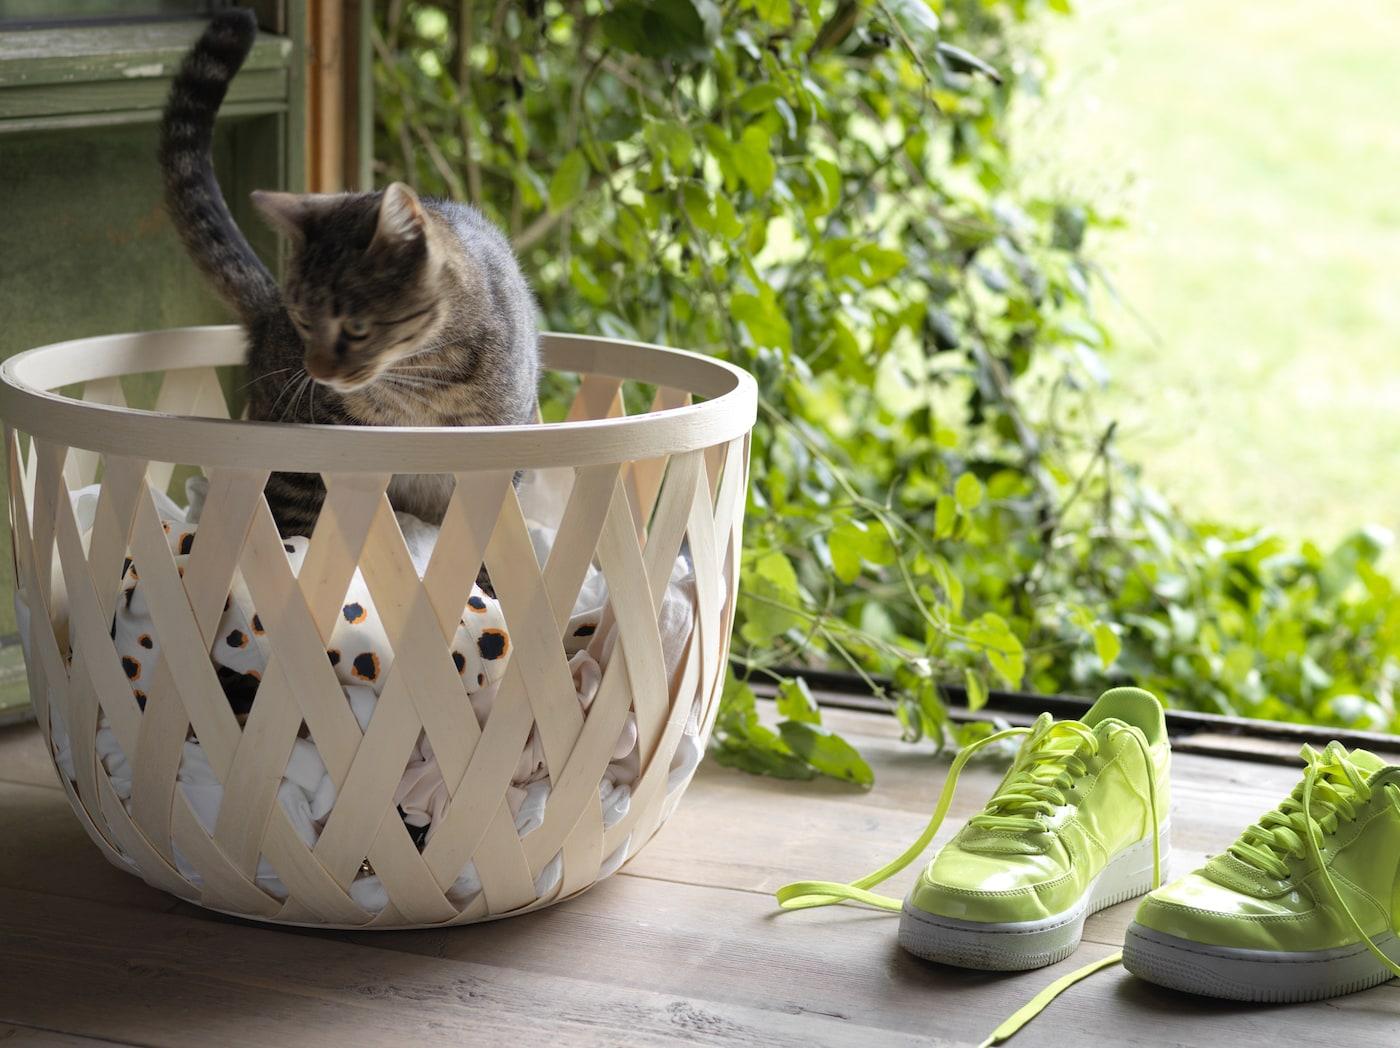 قطة صغيرة تقف داخل سلة حورTJILLEVIPS مملوءة بالغسيل، بجوار حذاء رياضي خفيف أخضر فوسفوري.